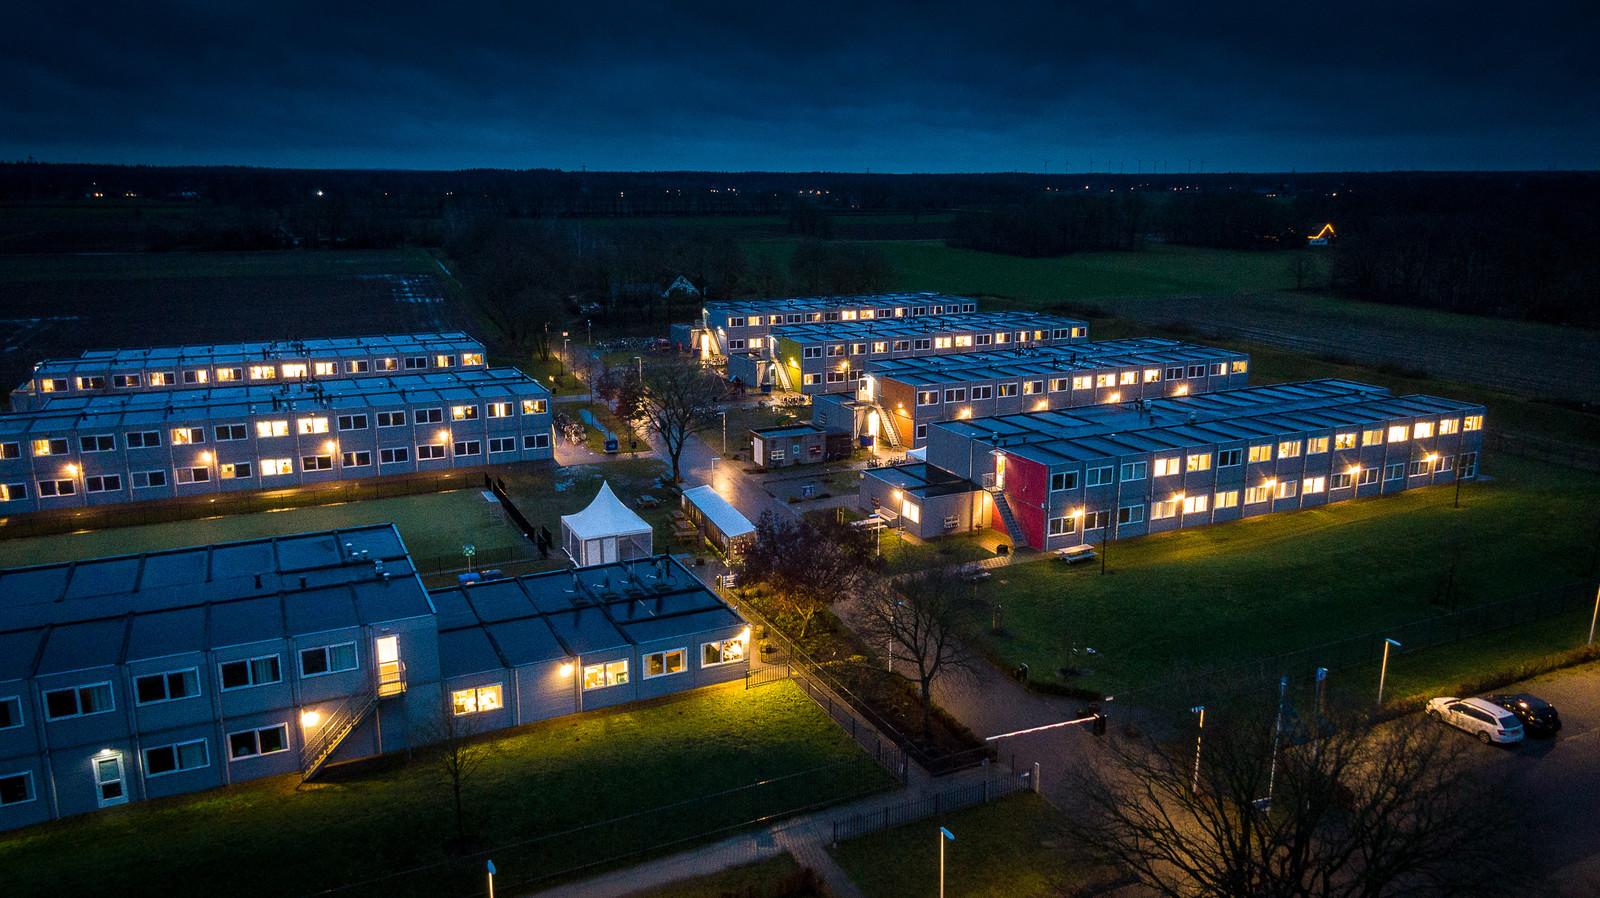 Het asielzoekerscentrum in Hardenberg. De gemeente Zwolle wil met het invoeren van kamerbewoning voor statushouders ervoor zorgen dat jongeren minder lang in het azc hoeven te blijven.